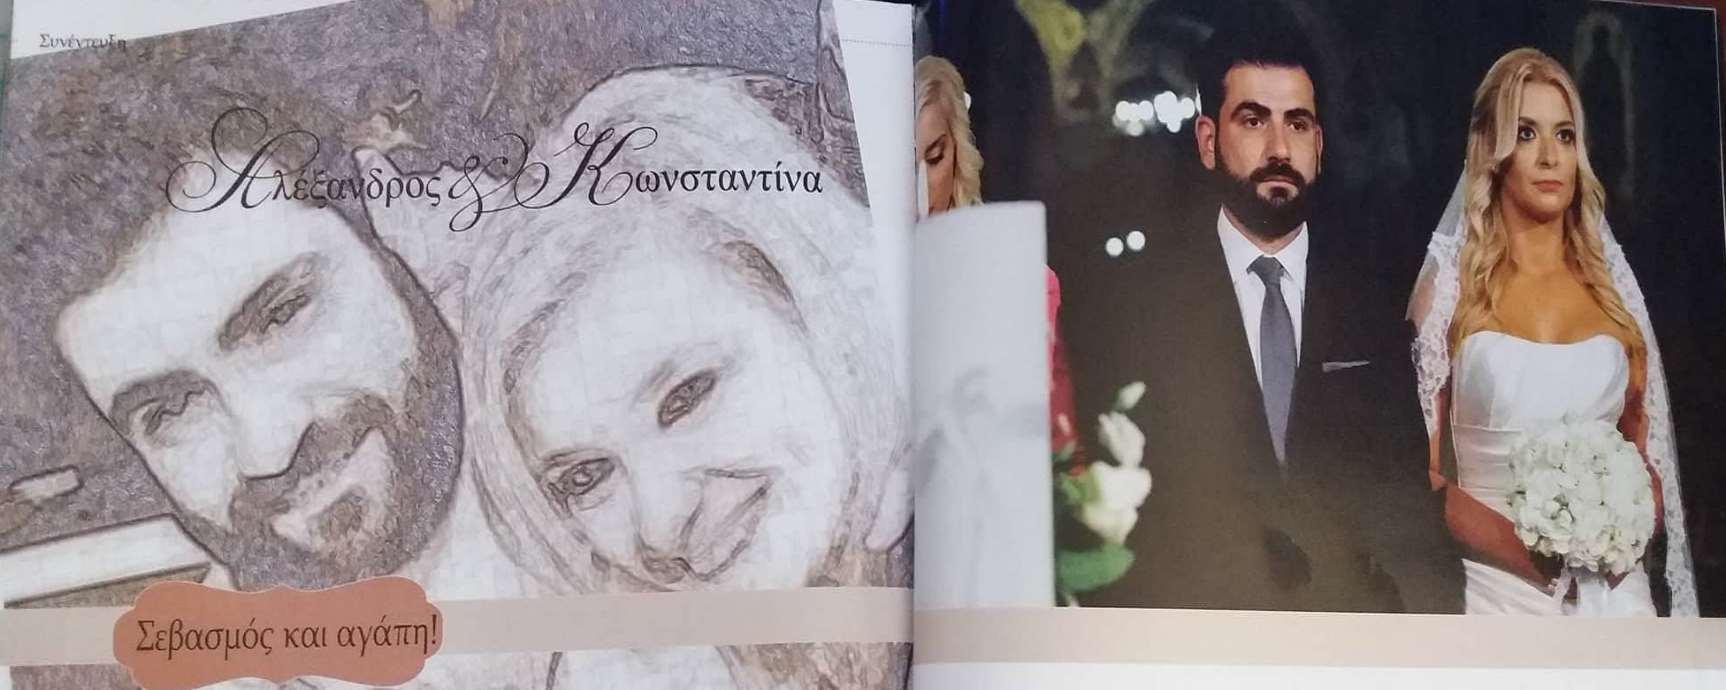 Ο ανκόρμαν του Lepanto Αλέξανδρος Κογκόλης, αποκαλύπτει τα μυστικά του έγγαμου βίου